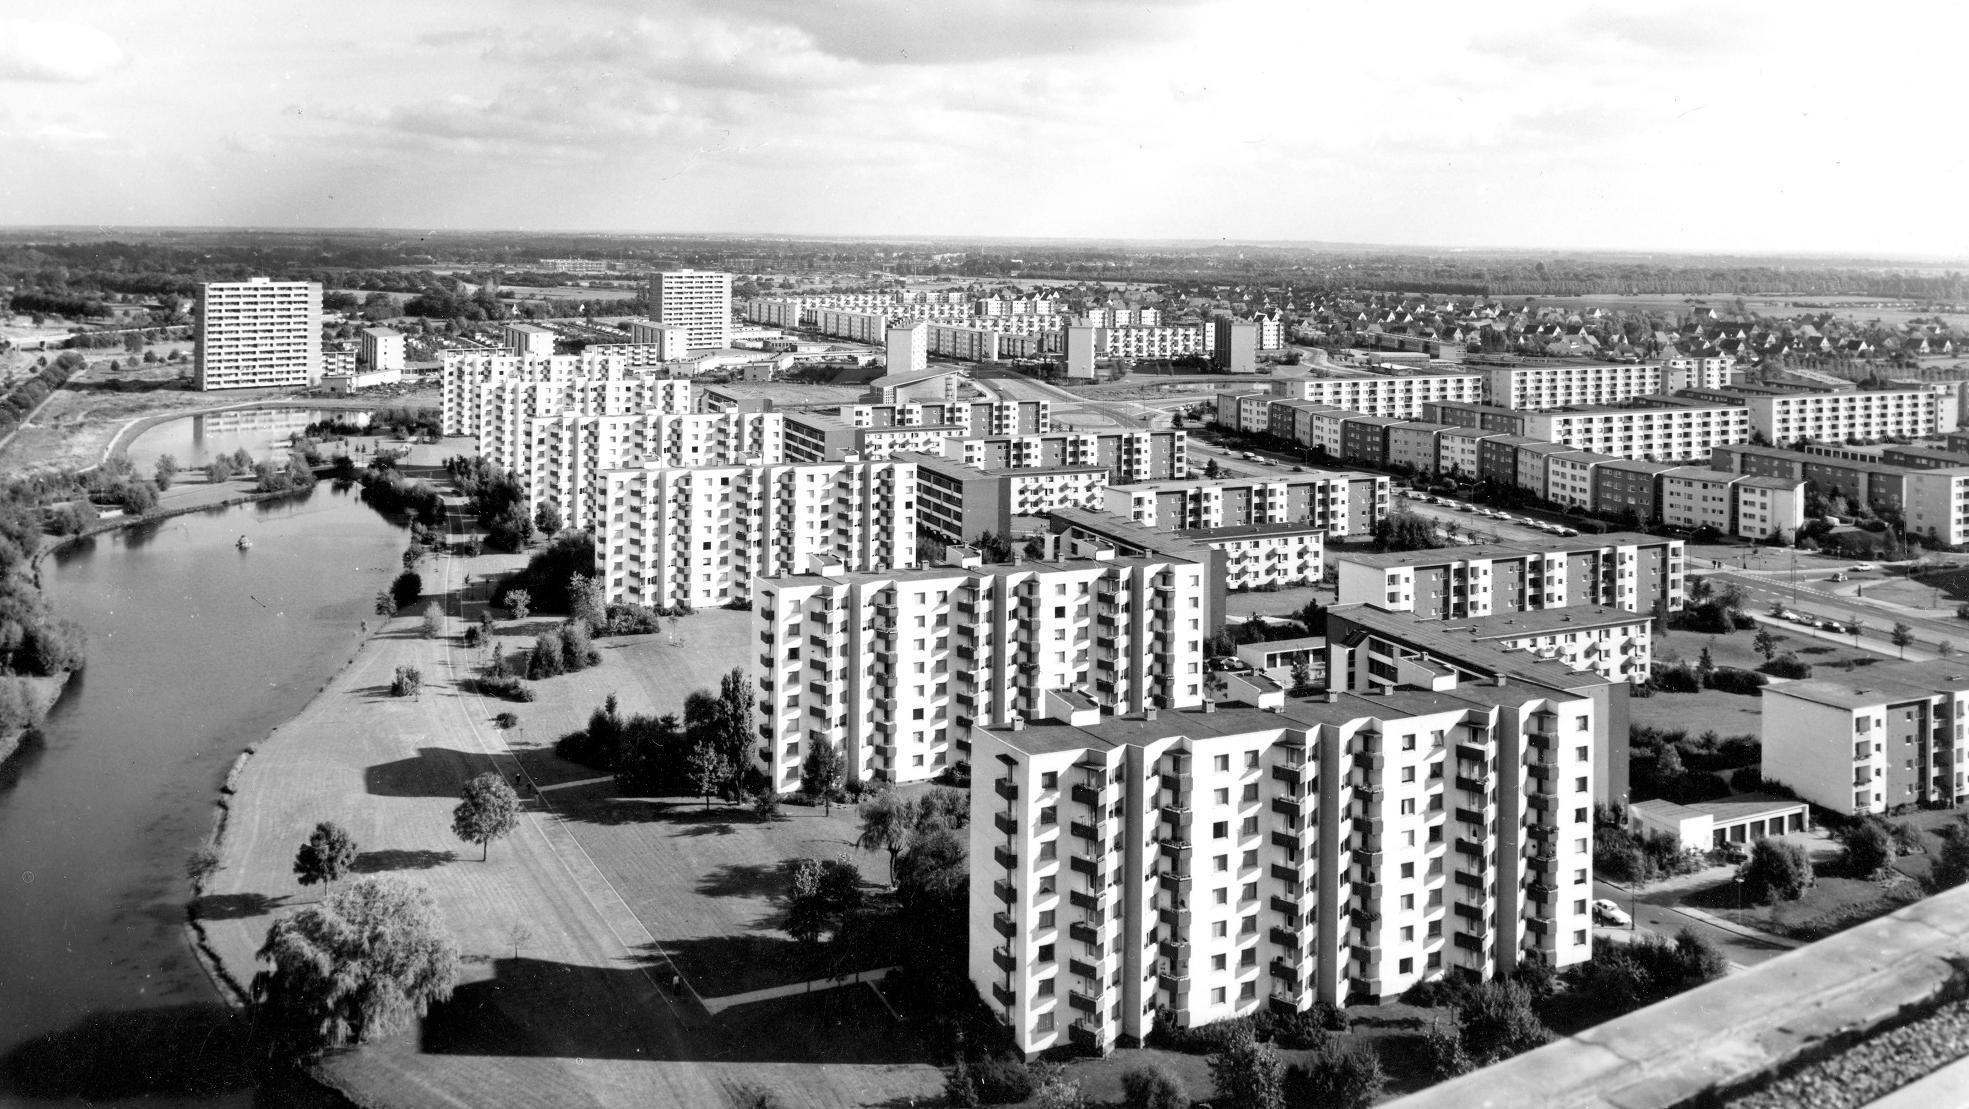 Neue Vahr Bremen - Betonburgen am Stadtrand von Bremen